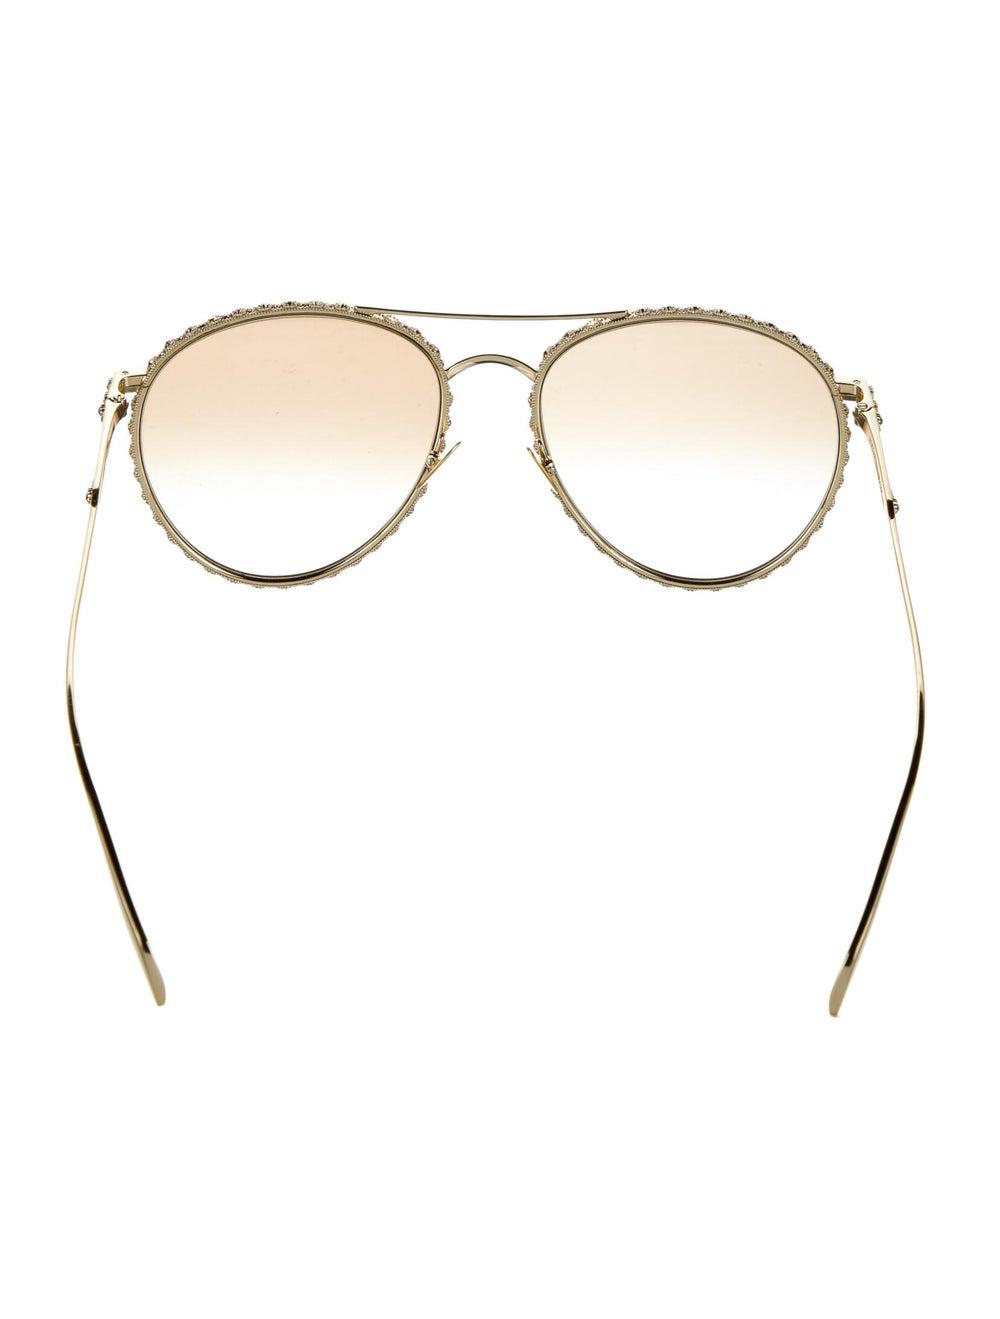 Alexander McQueen Aviator Gradient Sunglasses Gold - image 3